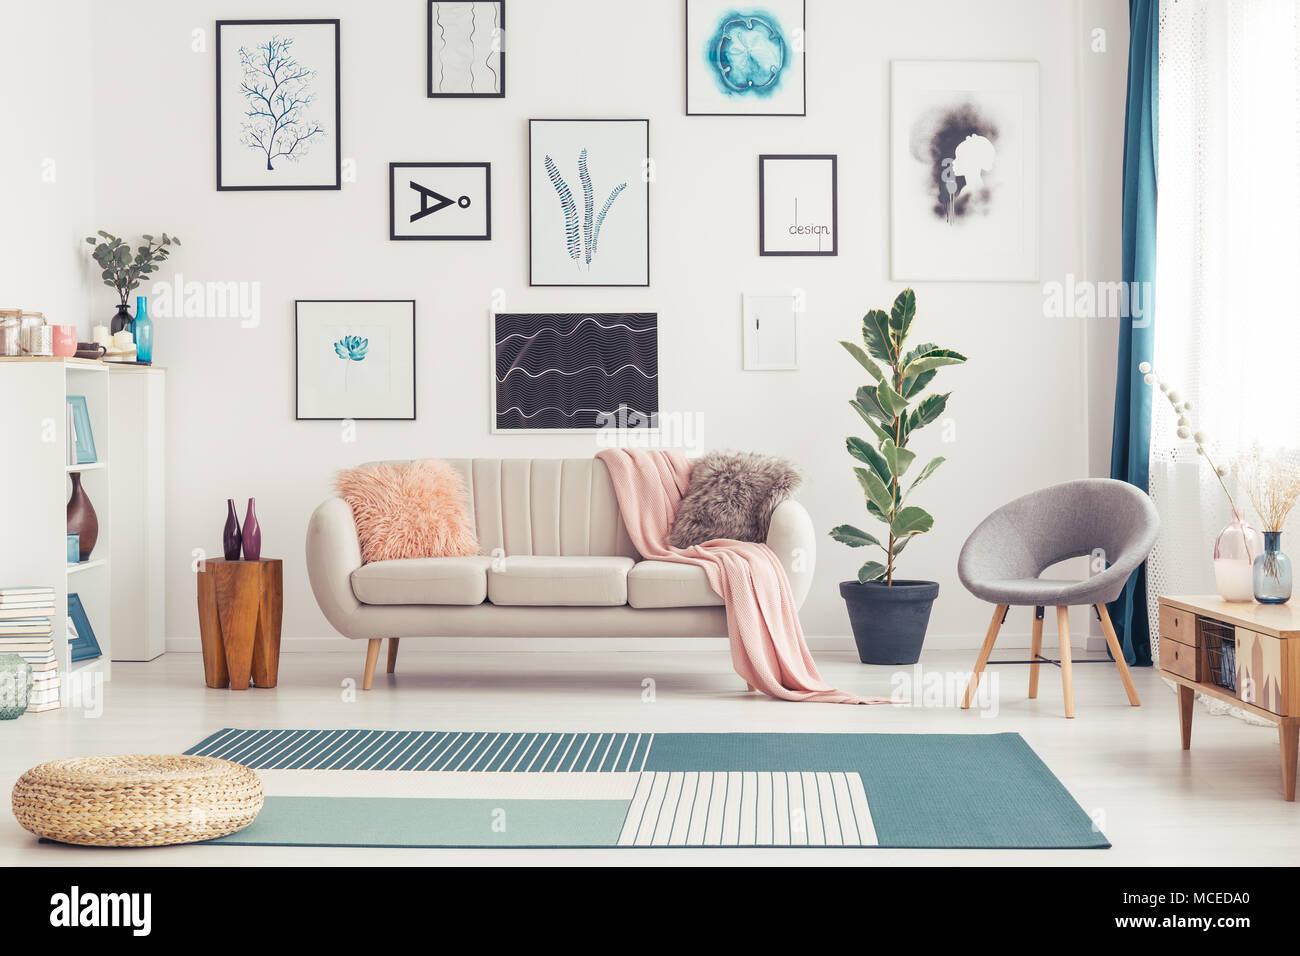 Pouf auf blauen Teppich in geräumigen rosa Wohnzimmer Interieur mit ...